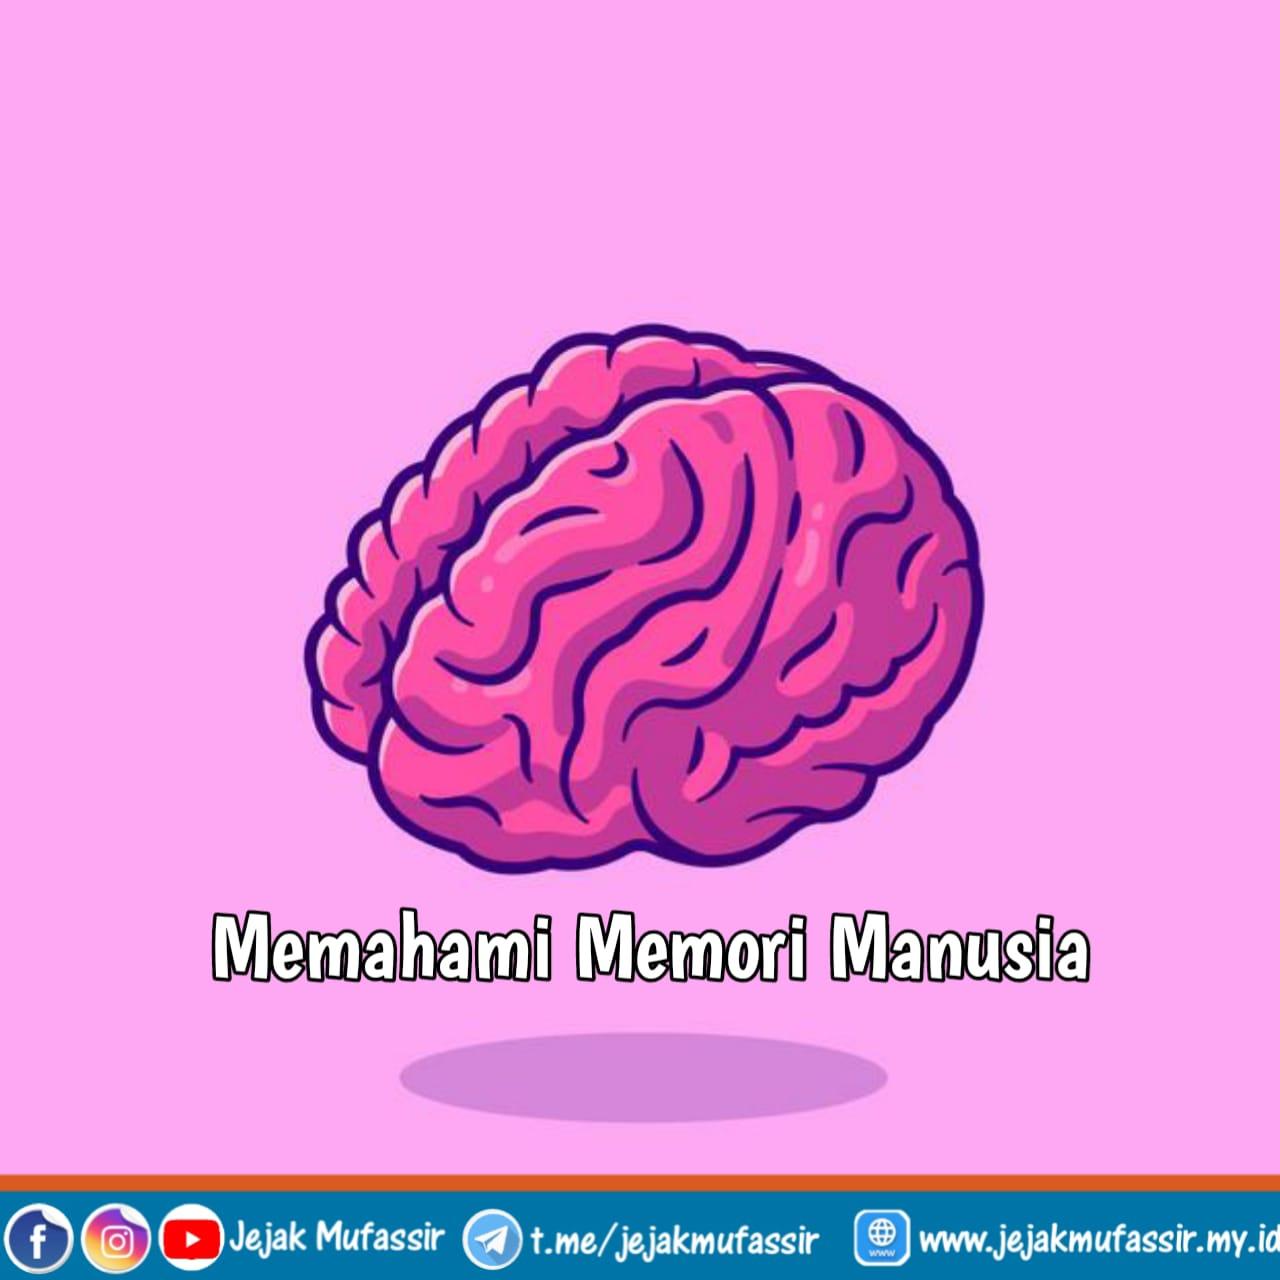 Memahami Memori Manusia